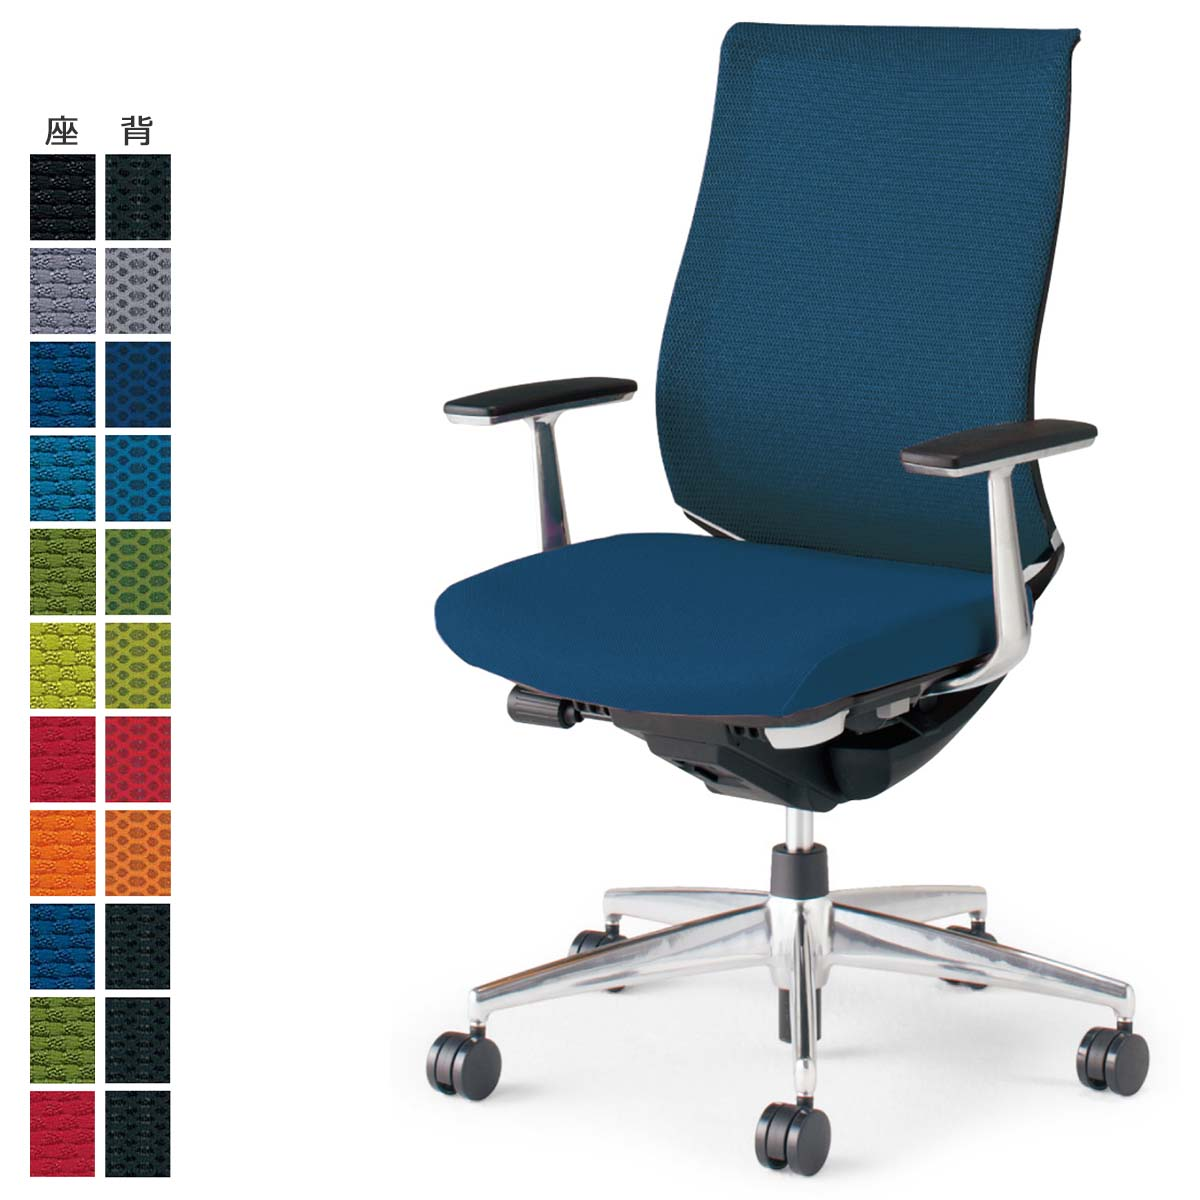 コクヨ デスクチェア オフィスチェア 椅子 Bezel ベゼル CR-A2841E6 モデレートタイプ アルミ肘 ブラックフレーム アルミポリッシュタイプ -w カーペット用キャスター